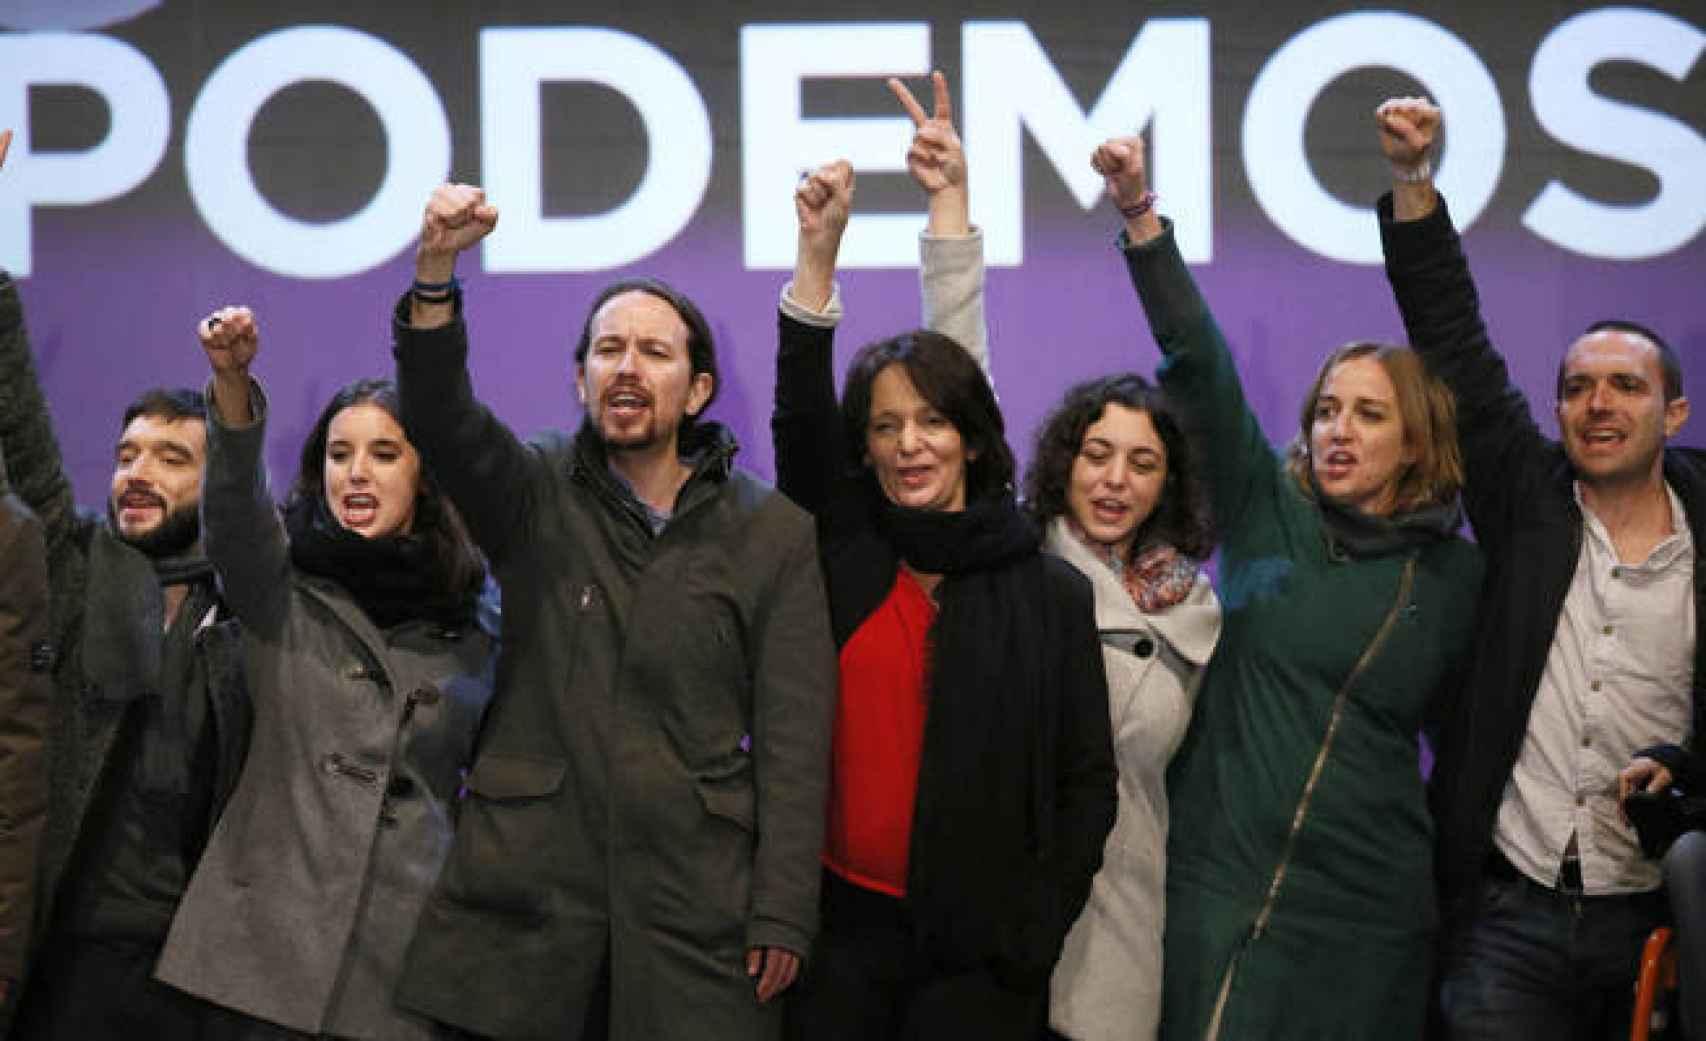 Aquellos maravillosos años de Podemos: Pablo Bustinduy, Irene Montero, Pablo Iglesias, Carolina Bescansa, Tania González, Tania Sánchez y Luis Alegre, en la noche electoral del 20-D.